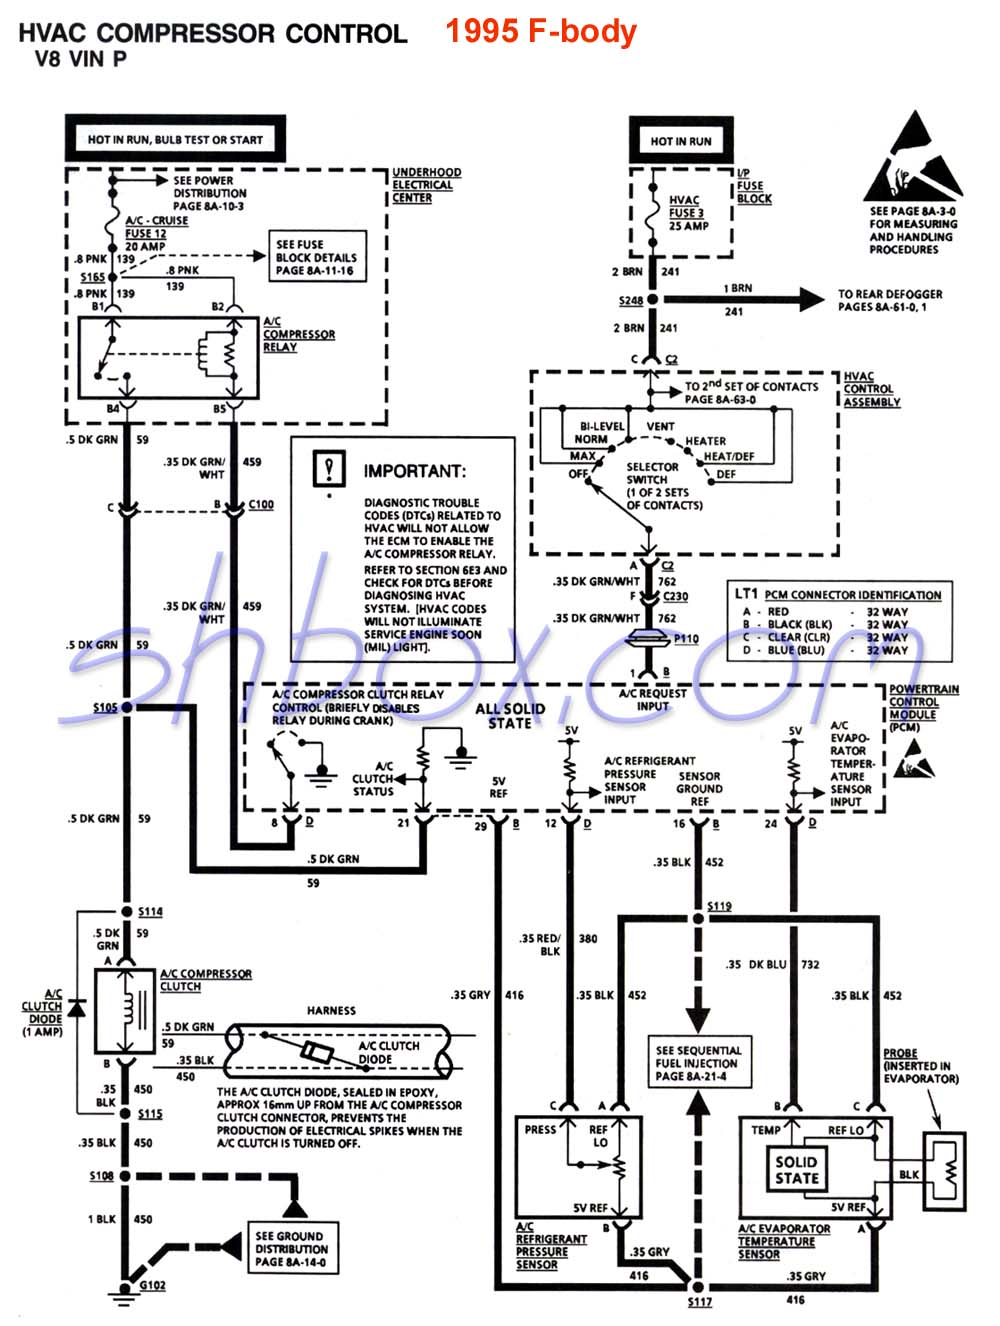 wiring diagram for hvac compressor